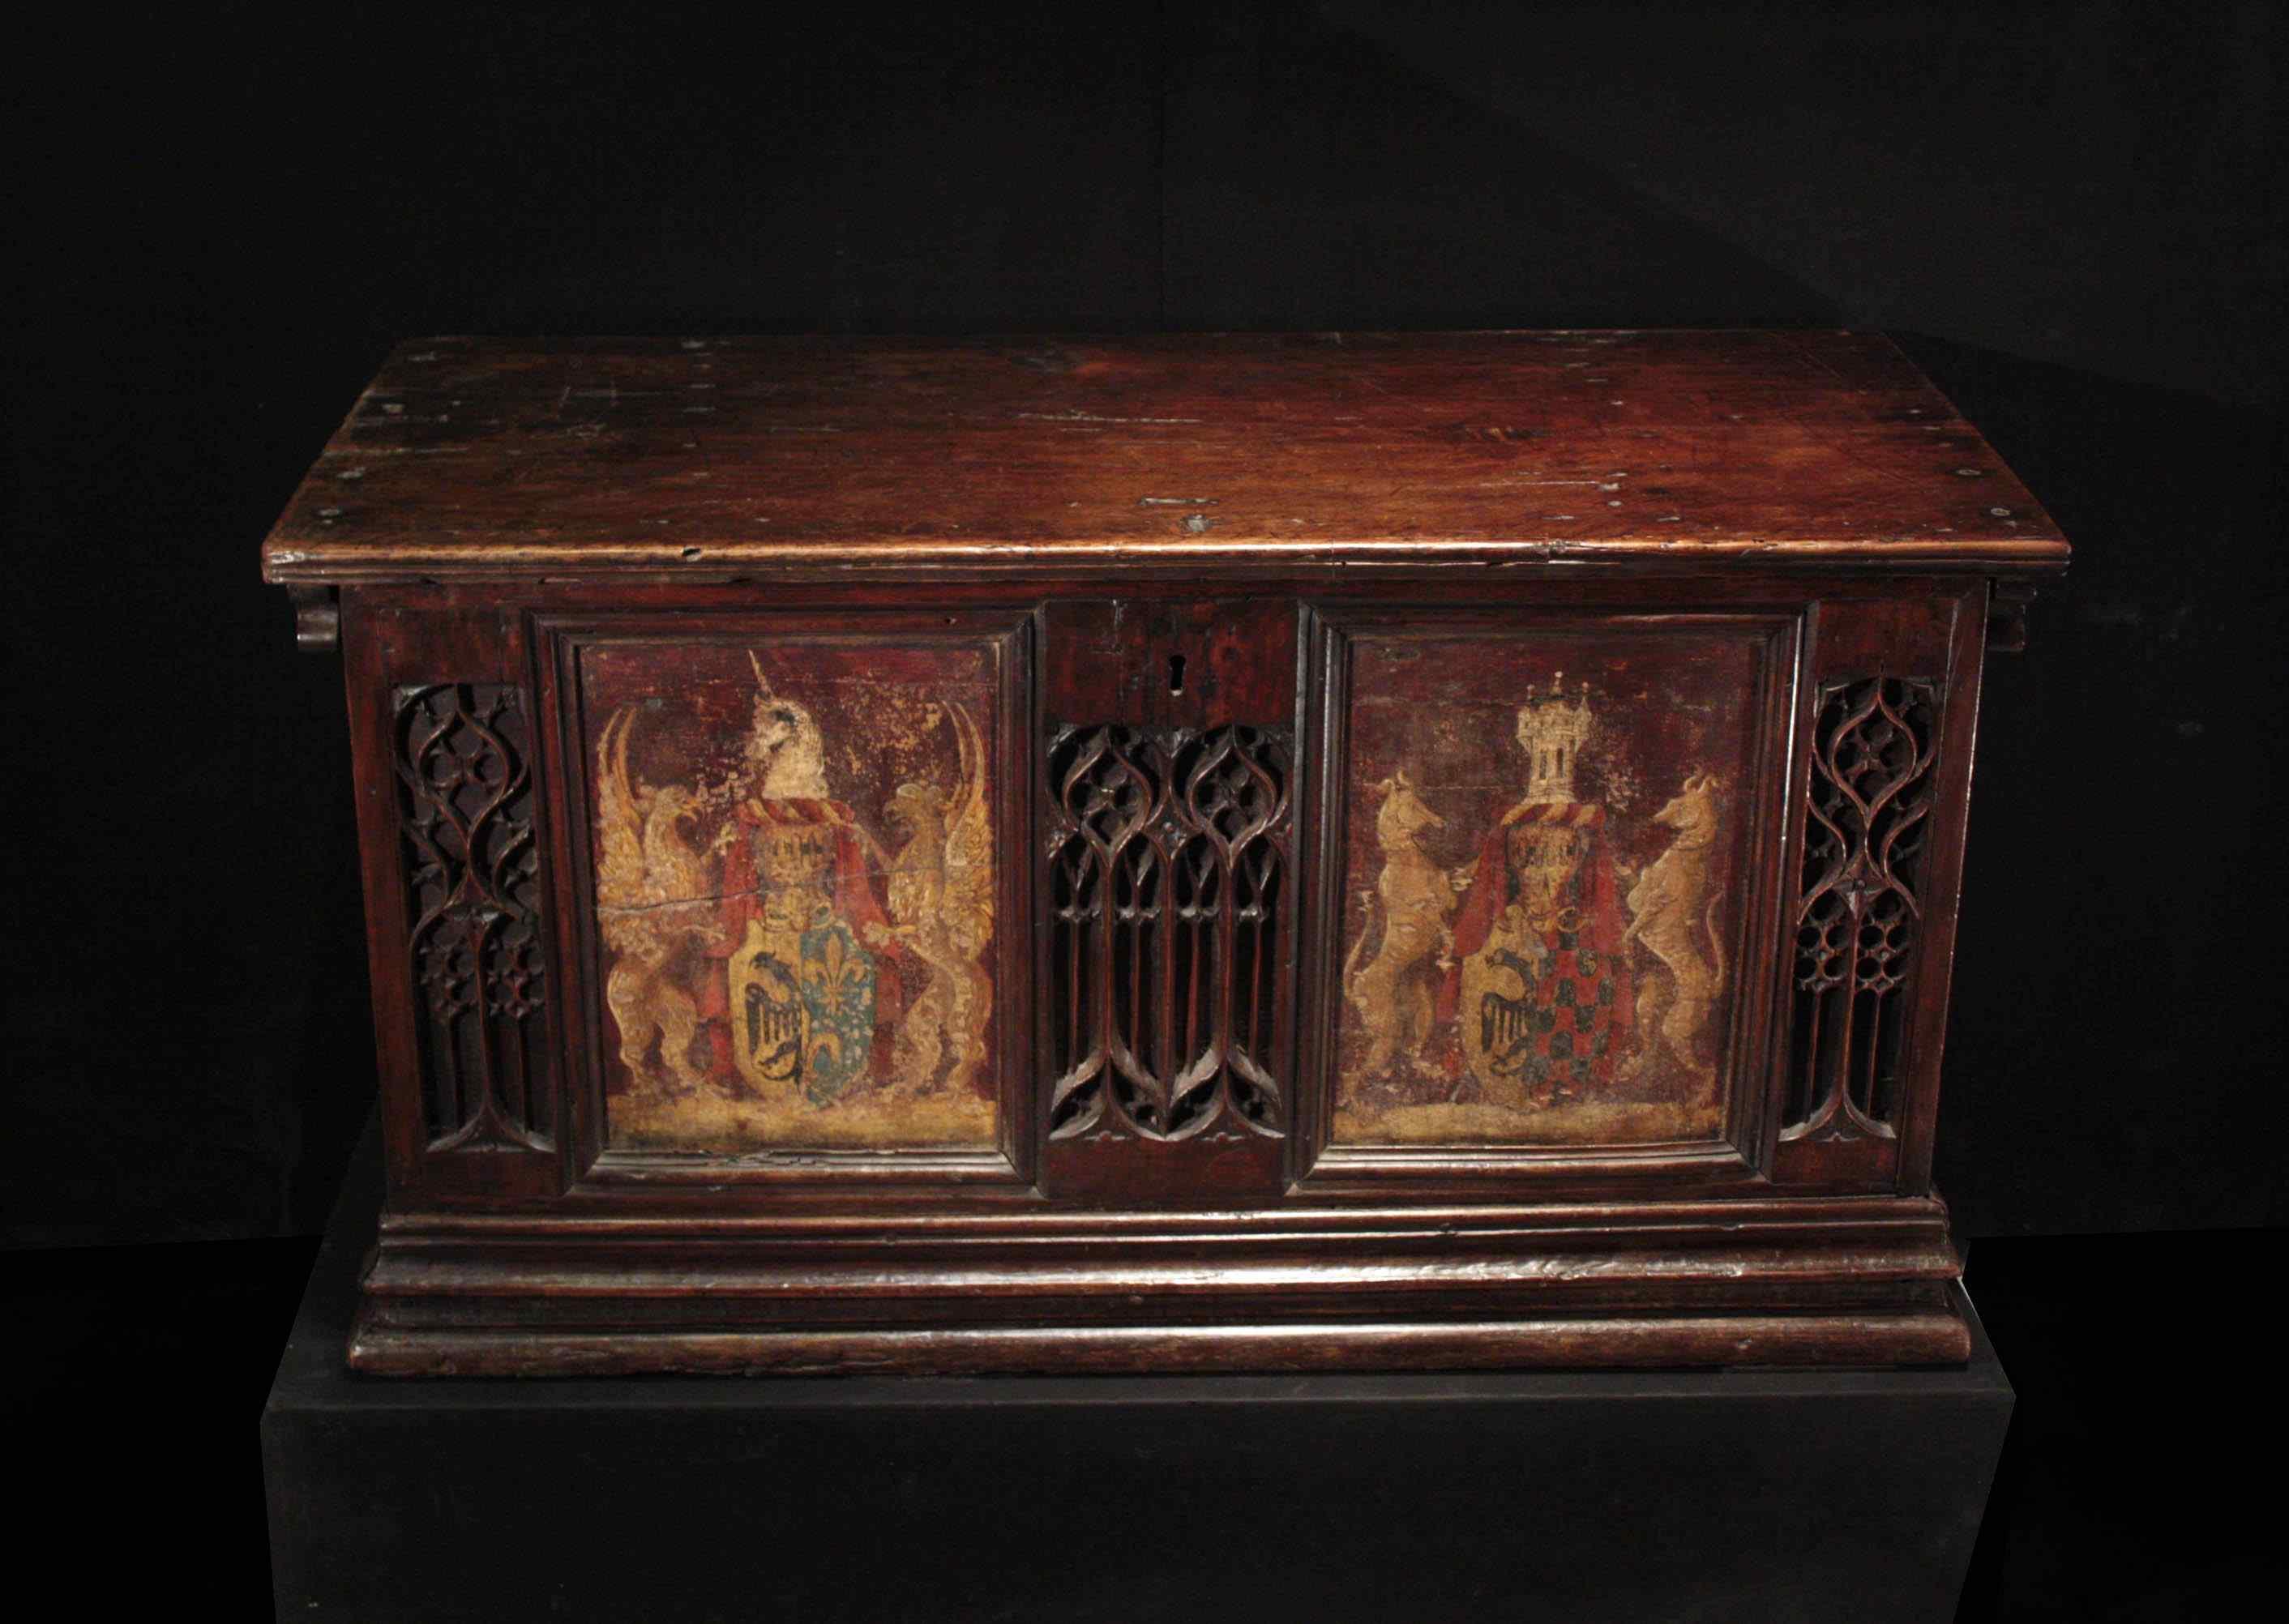 Fonds de mariage gothique, France, début Sec. XV